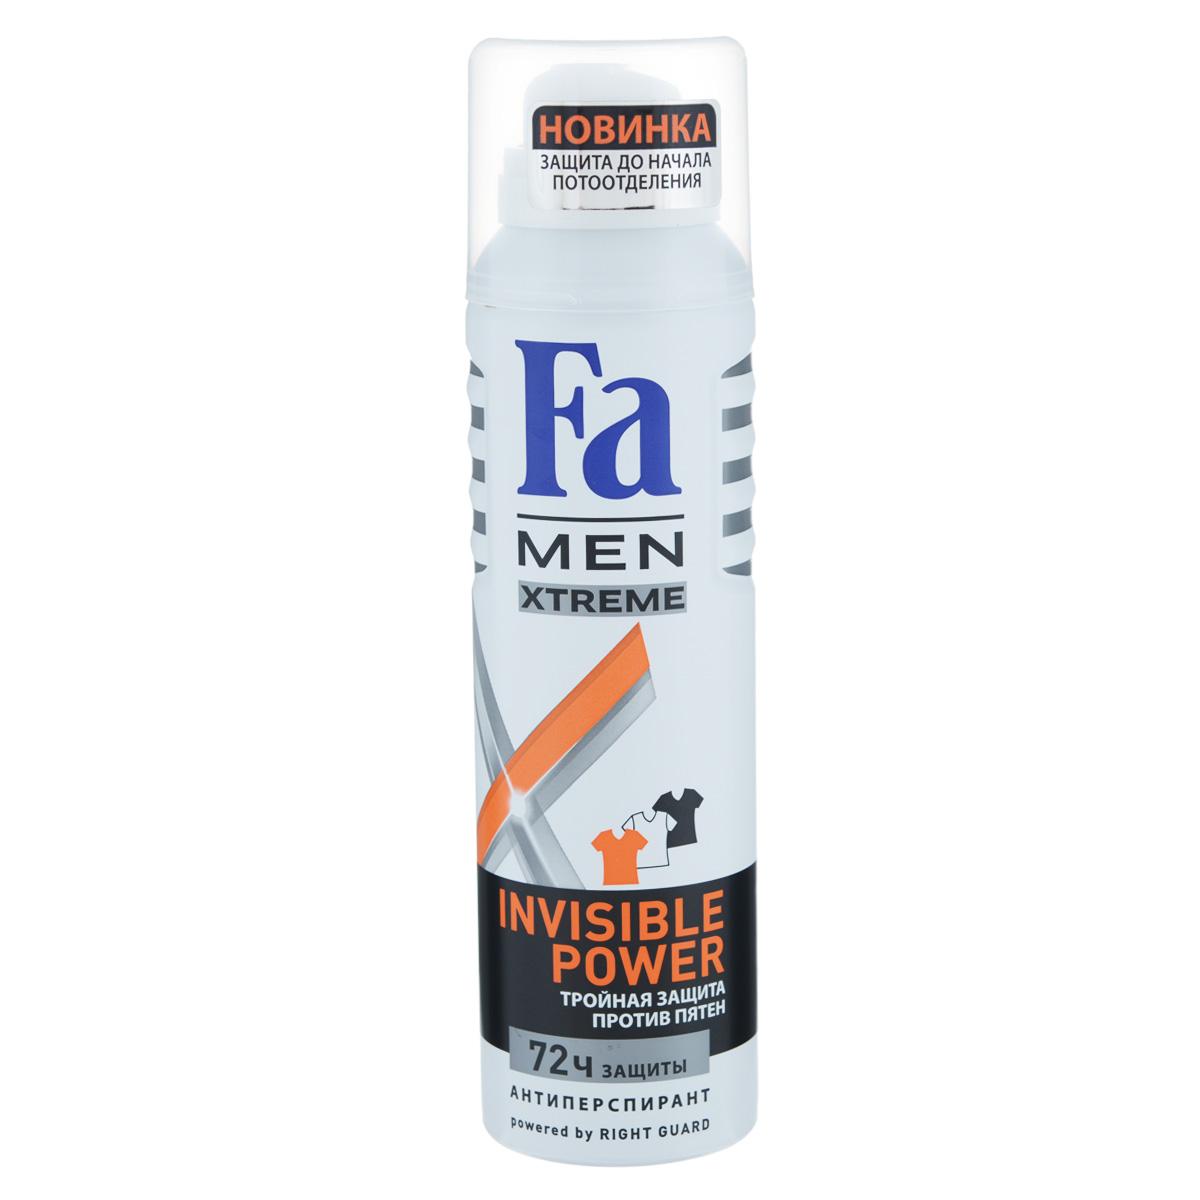 FA MEN Xtreme Дезодорант-аэрозоль Invisible, 150 млMP59.3DFa Men Invisible Power – экстремальная защита от пота, запаха, а так же белых, желтых и масляных пятен на одежде. Инновационная формула с технологией Sweat Detect* борется с потом еще до его появления.- Научно доказано: 72ч защиты от пота и запаха- 0 % спирта. Хорошая переносимость кожей подтверждена дерматологами.Также почувствуйте притягательную свежесть, принимая душ с гелем для душа Fa Men Xtreme.